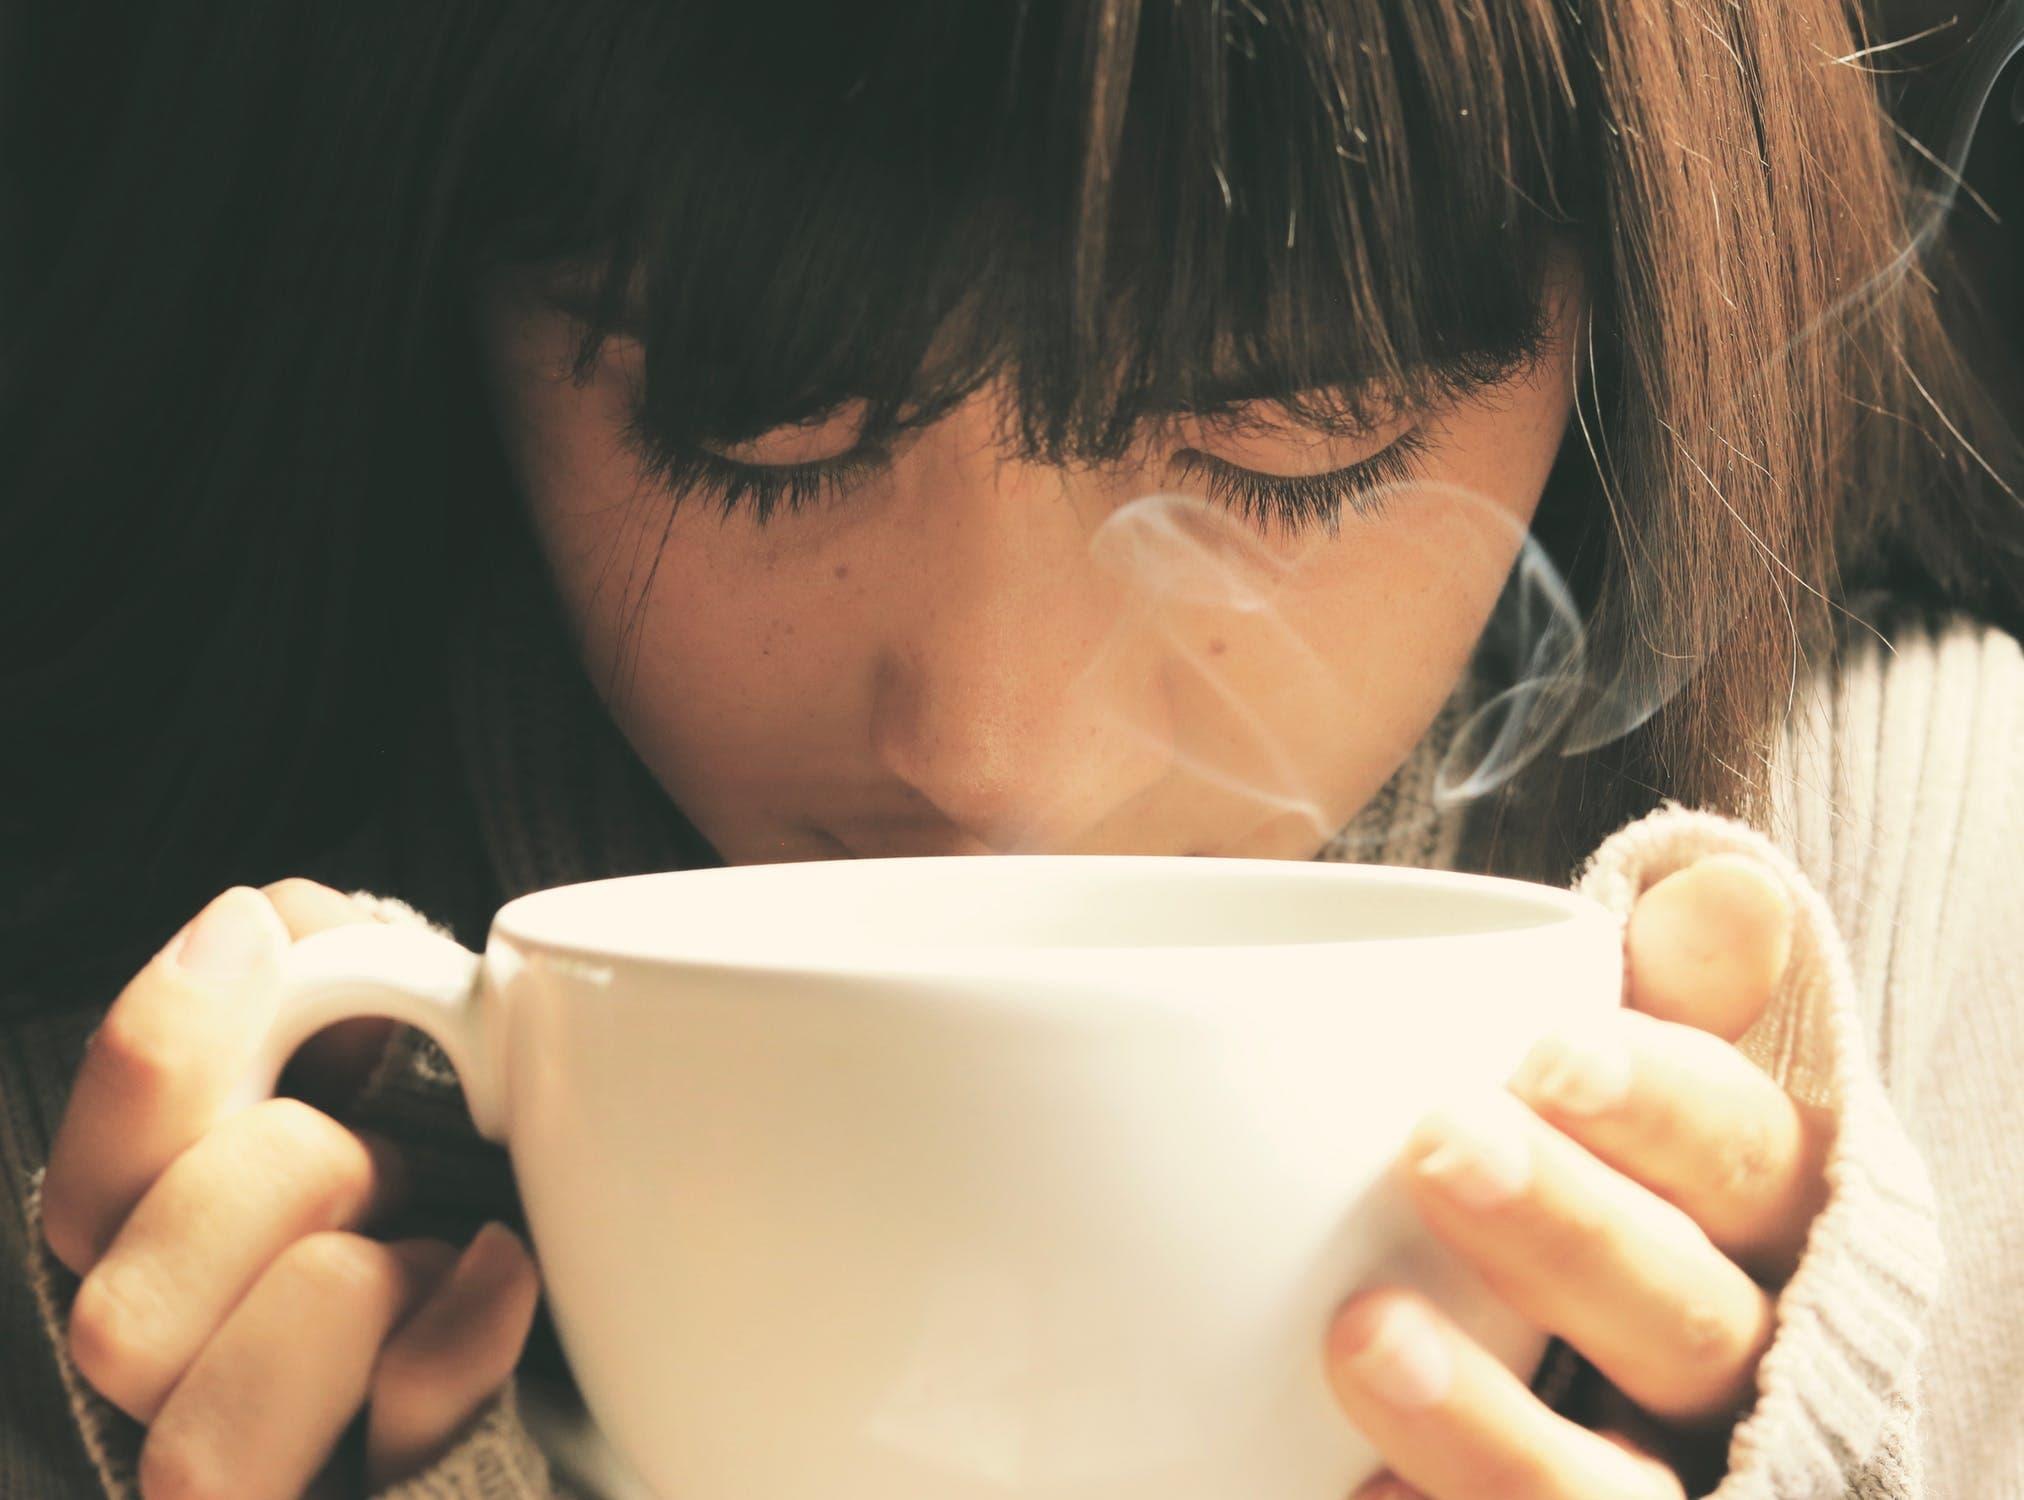 カフェでマッチングアプリで出会った男性を待つ女性]